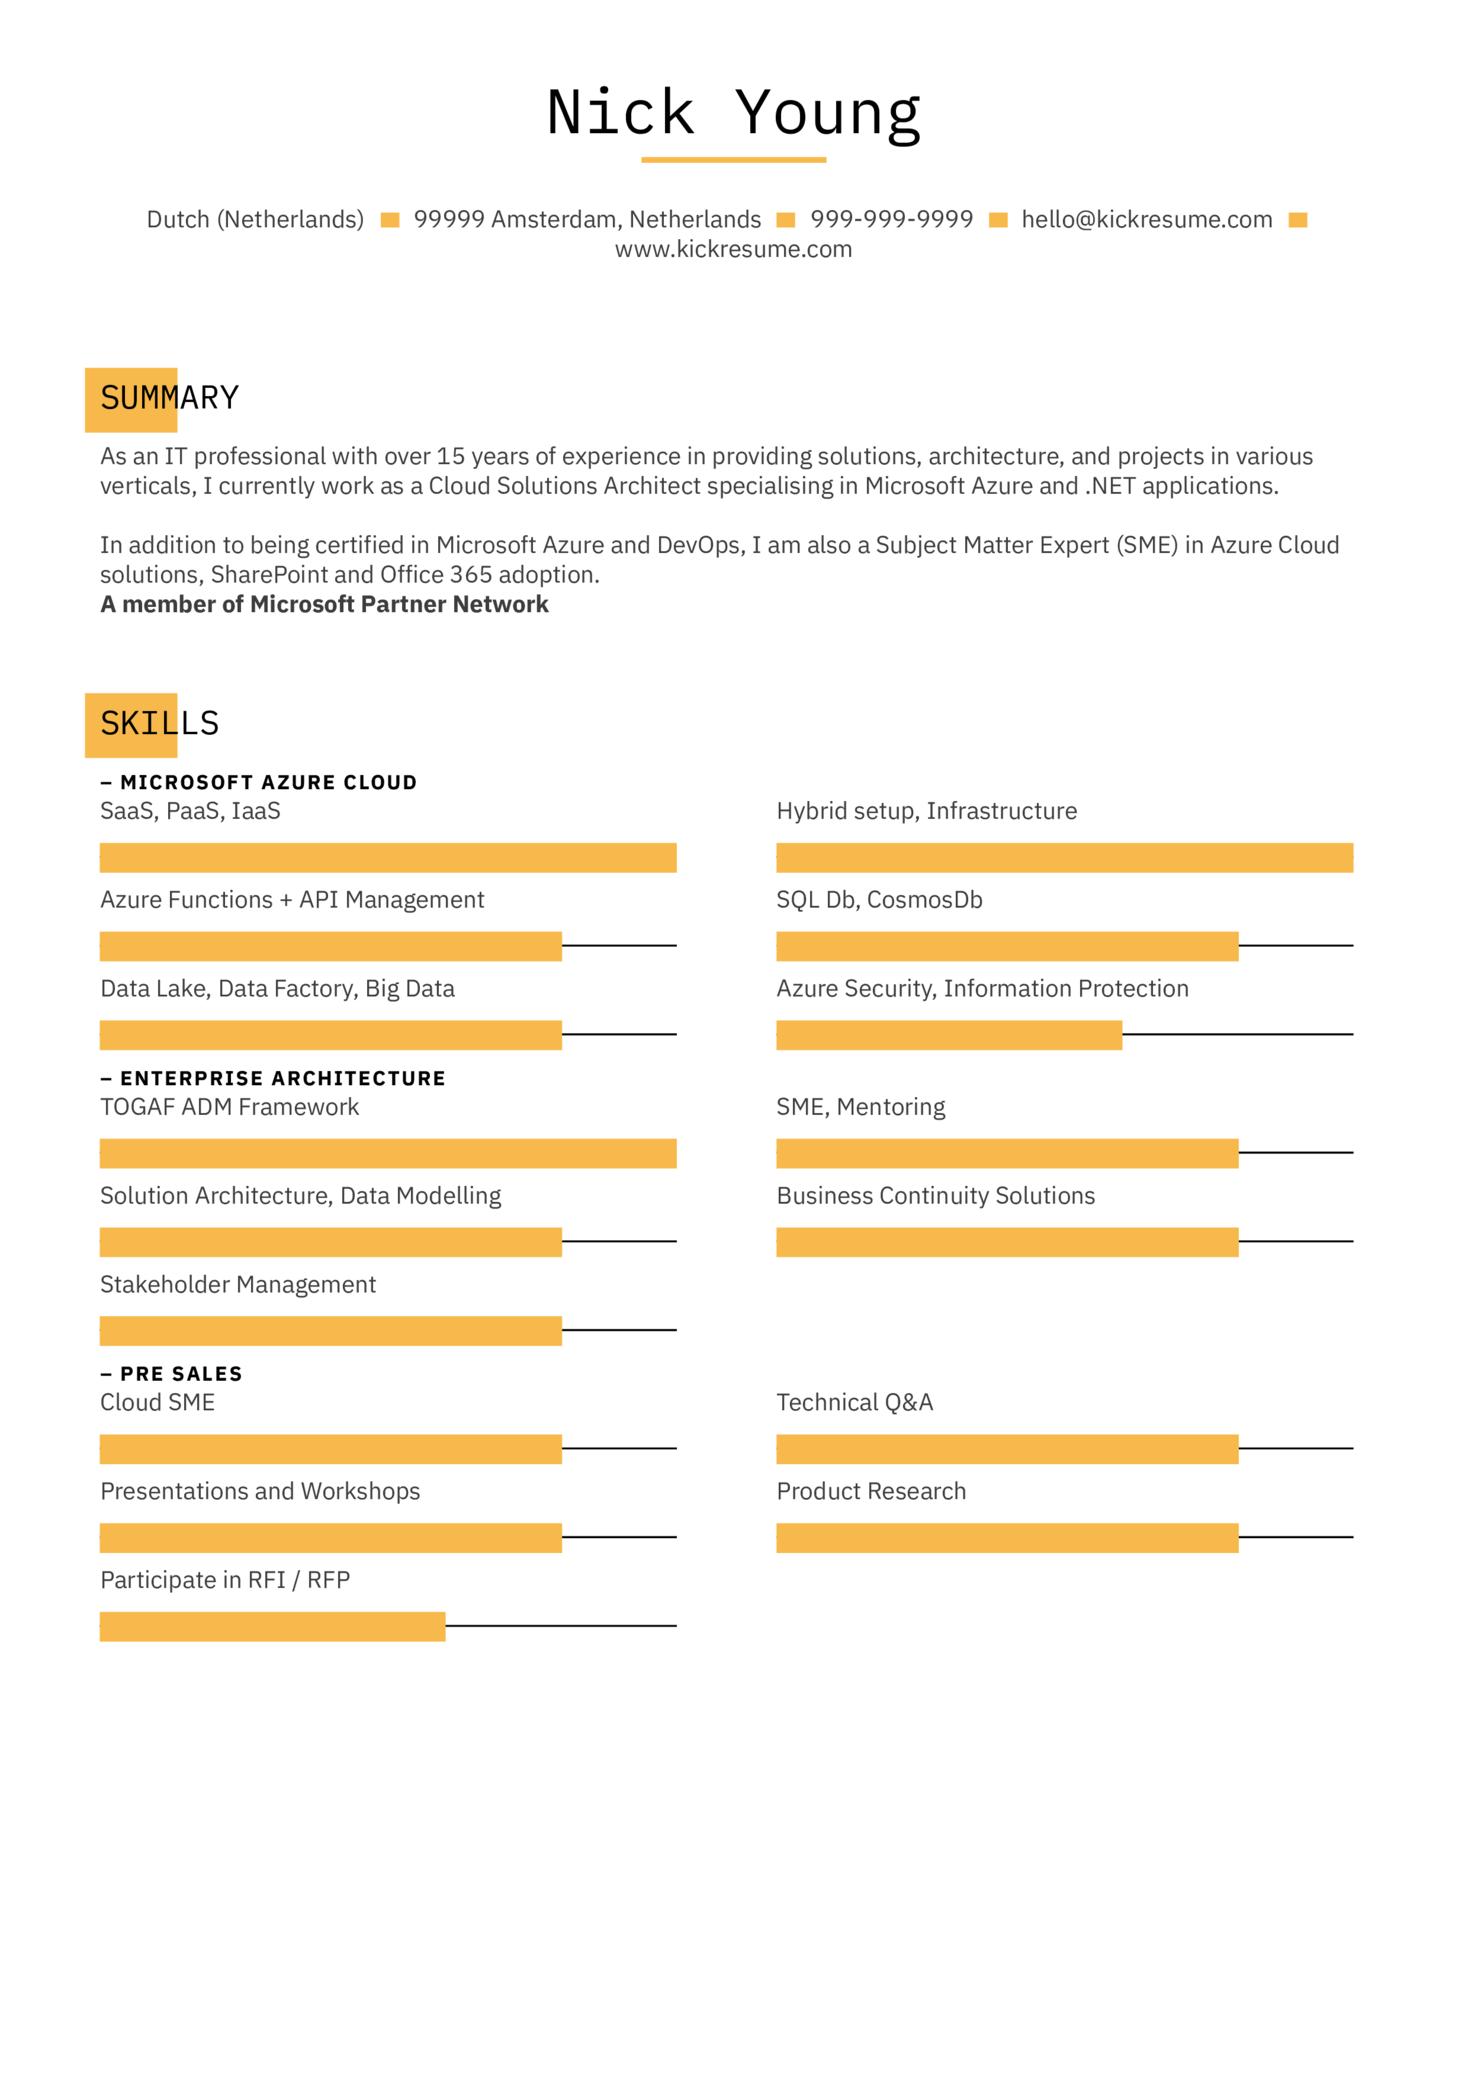 Integration Engineer Resume Sample (časť 1)